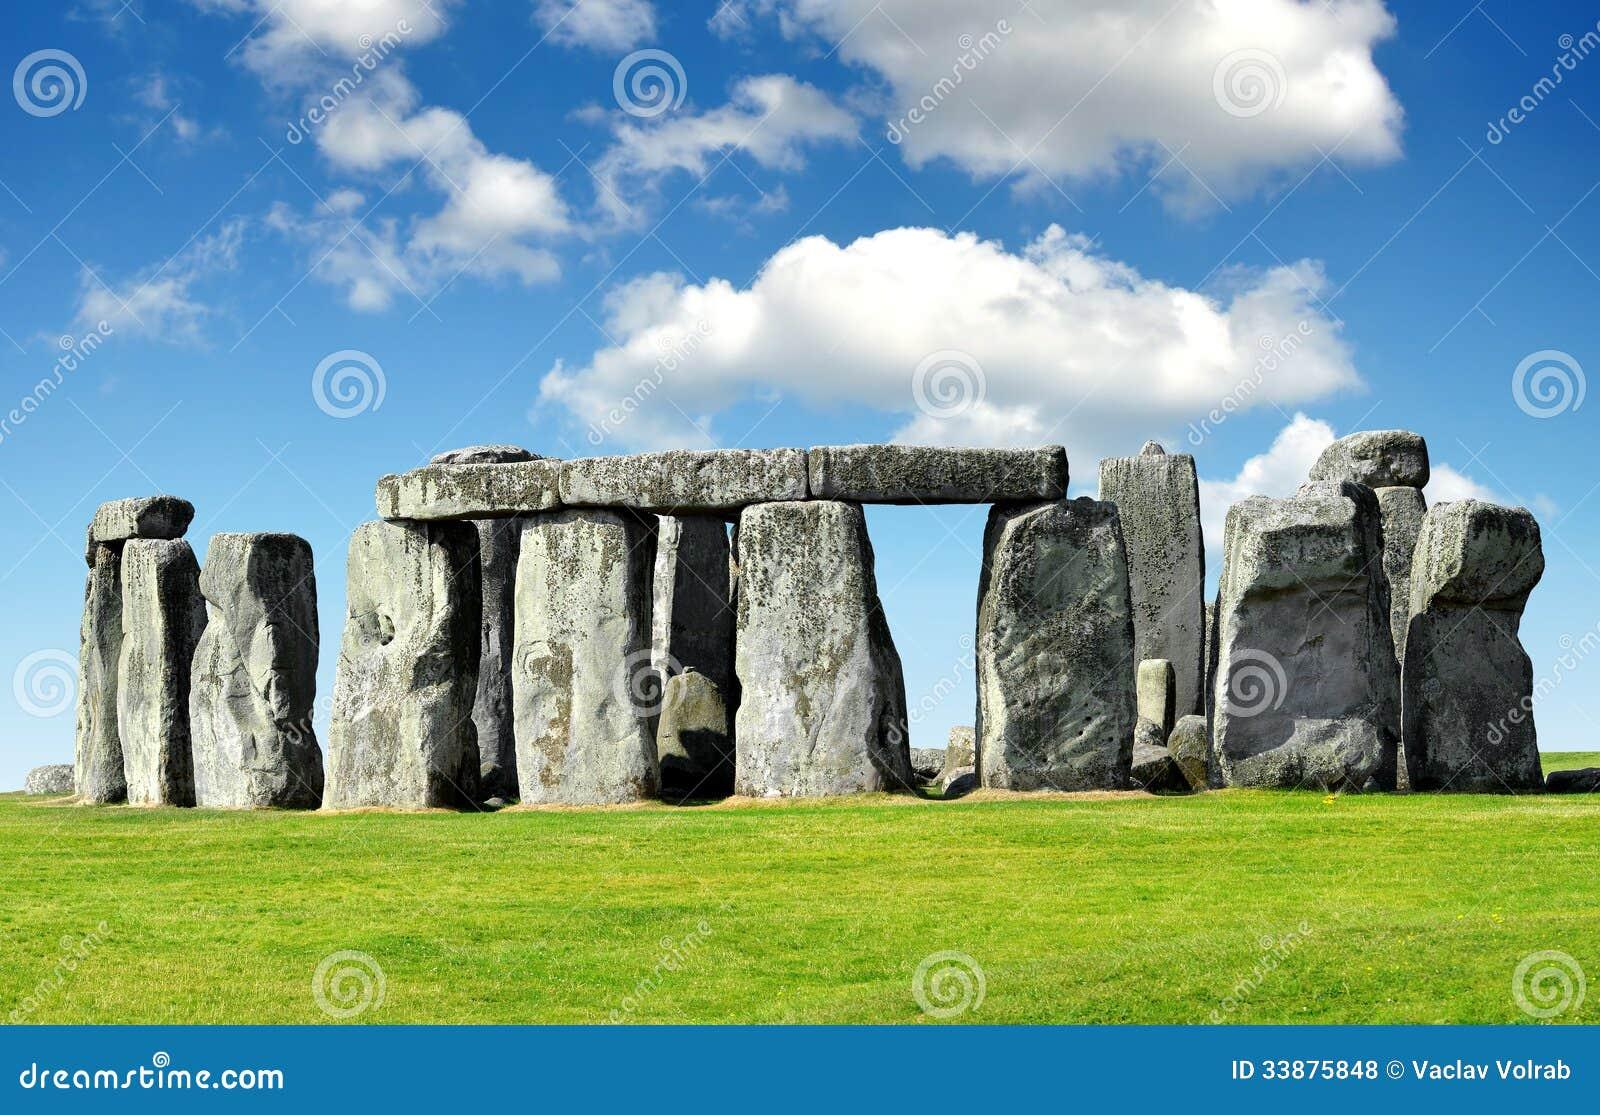 Stonehenge management